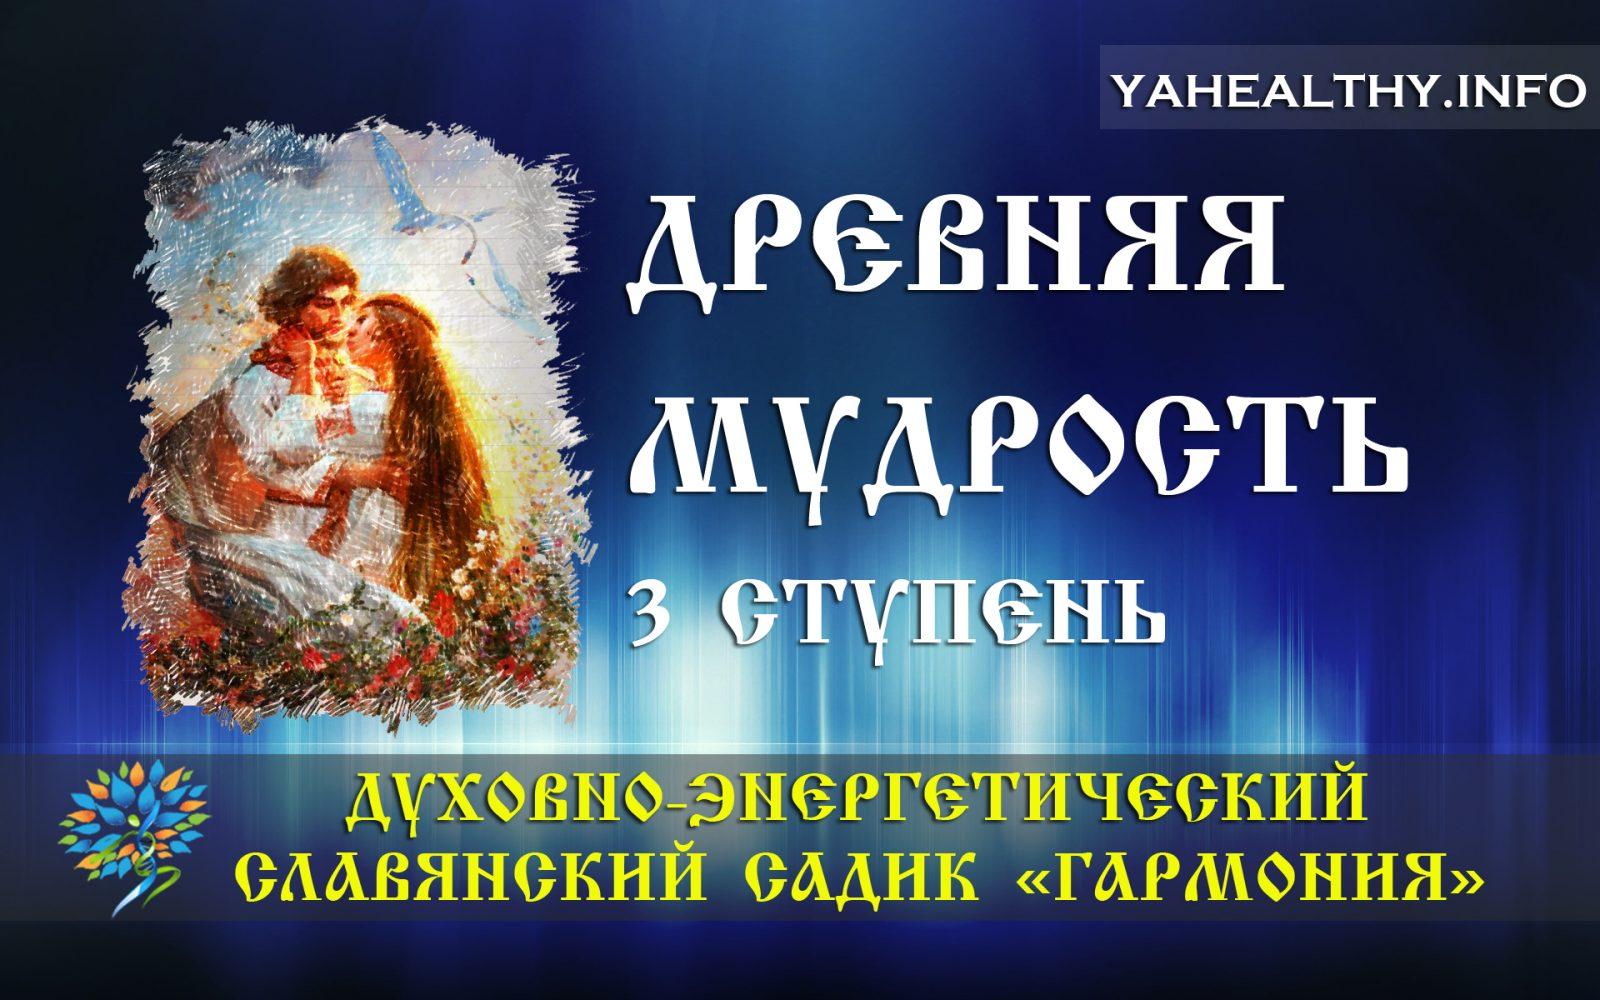 «Древняя Мудрость - 3 ступень»